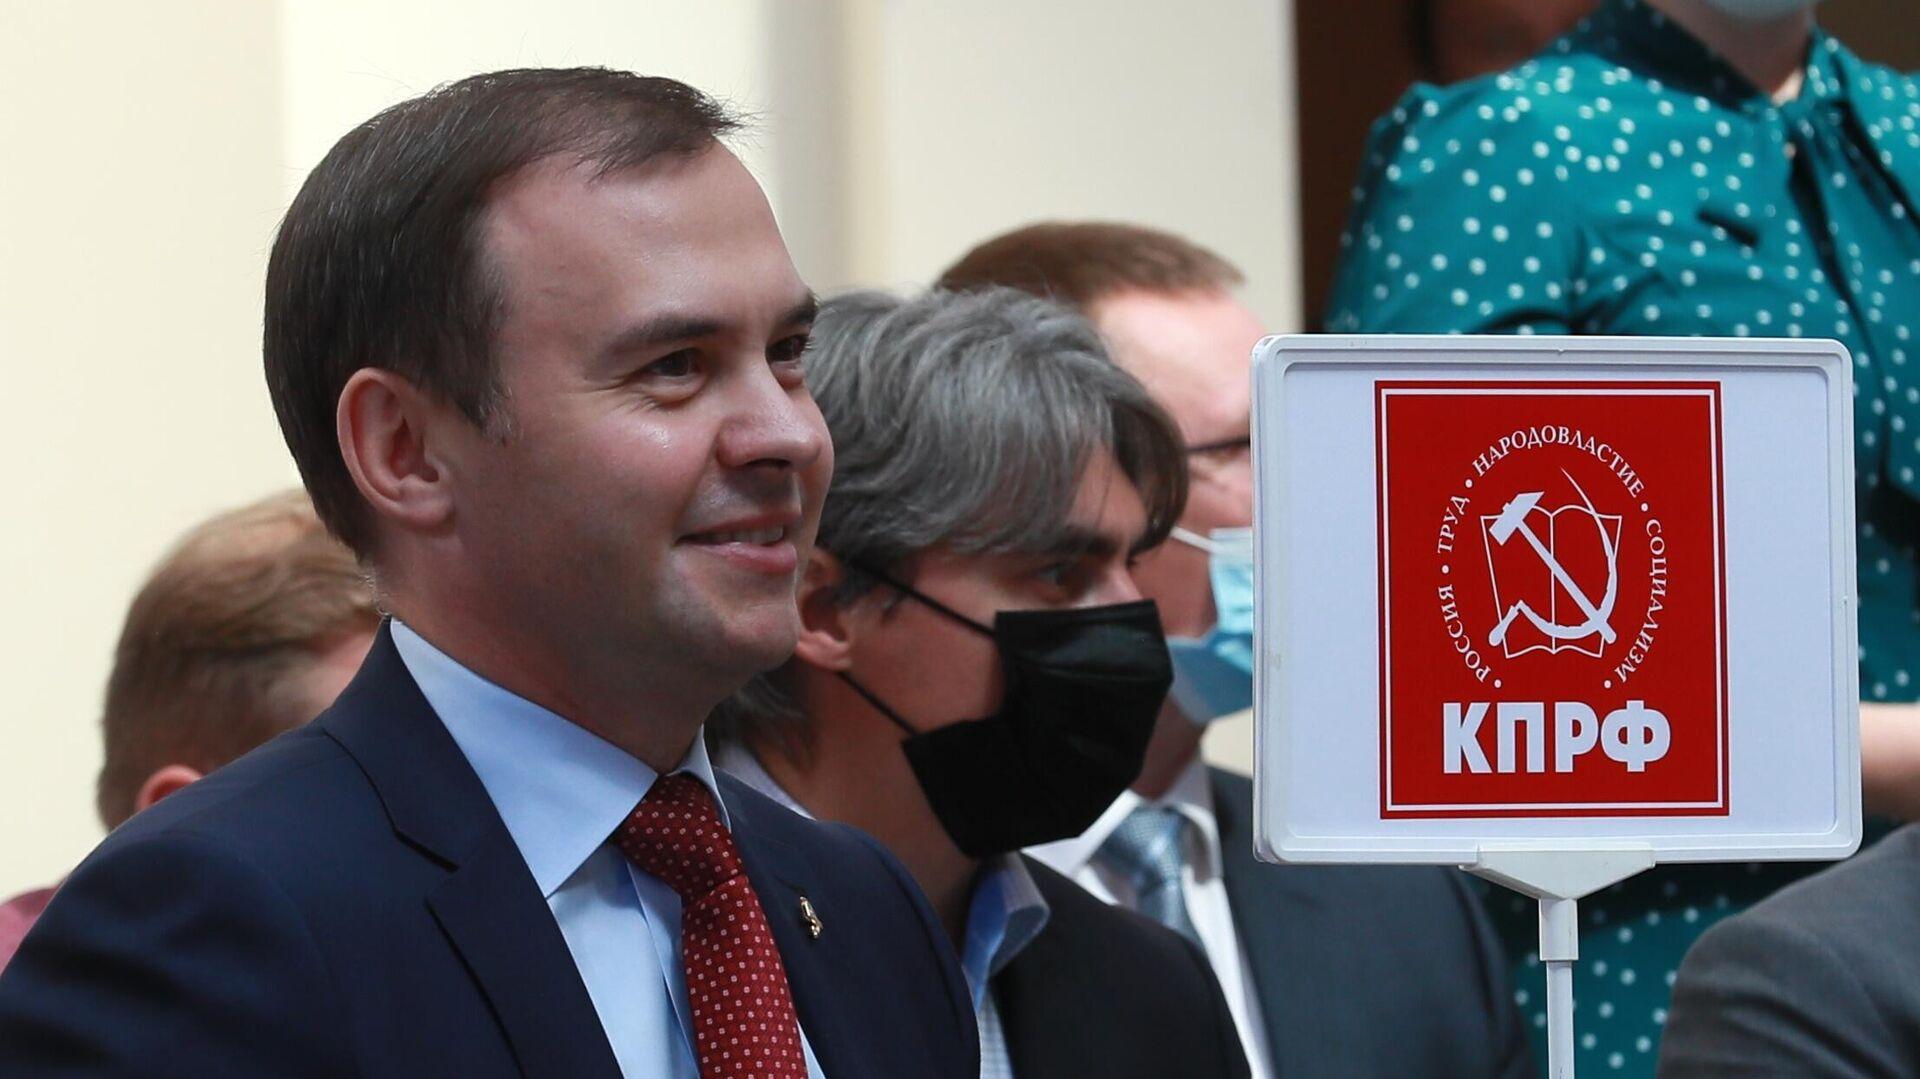 Член ЦК КПРФ Афонин: мы не признаем результаты электронного голосования, особенно в Москве